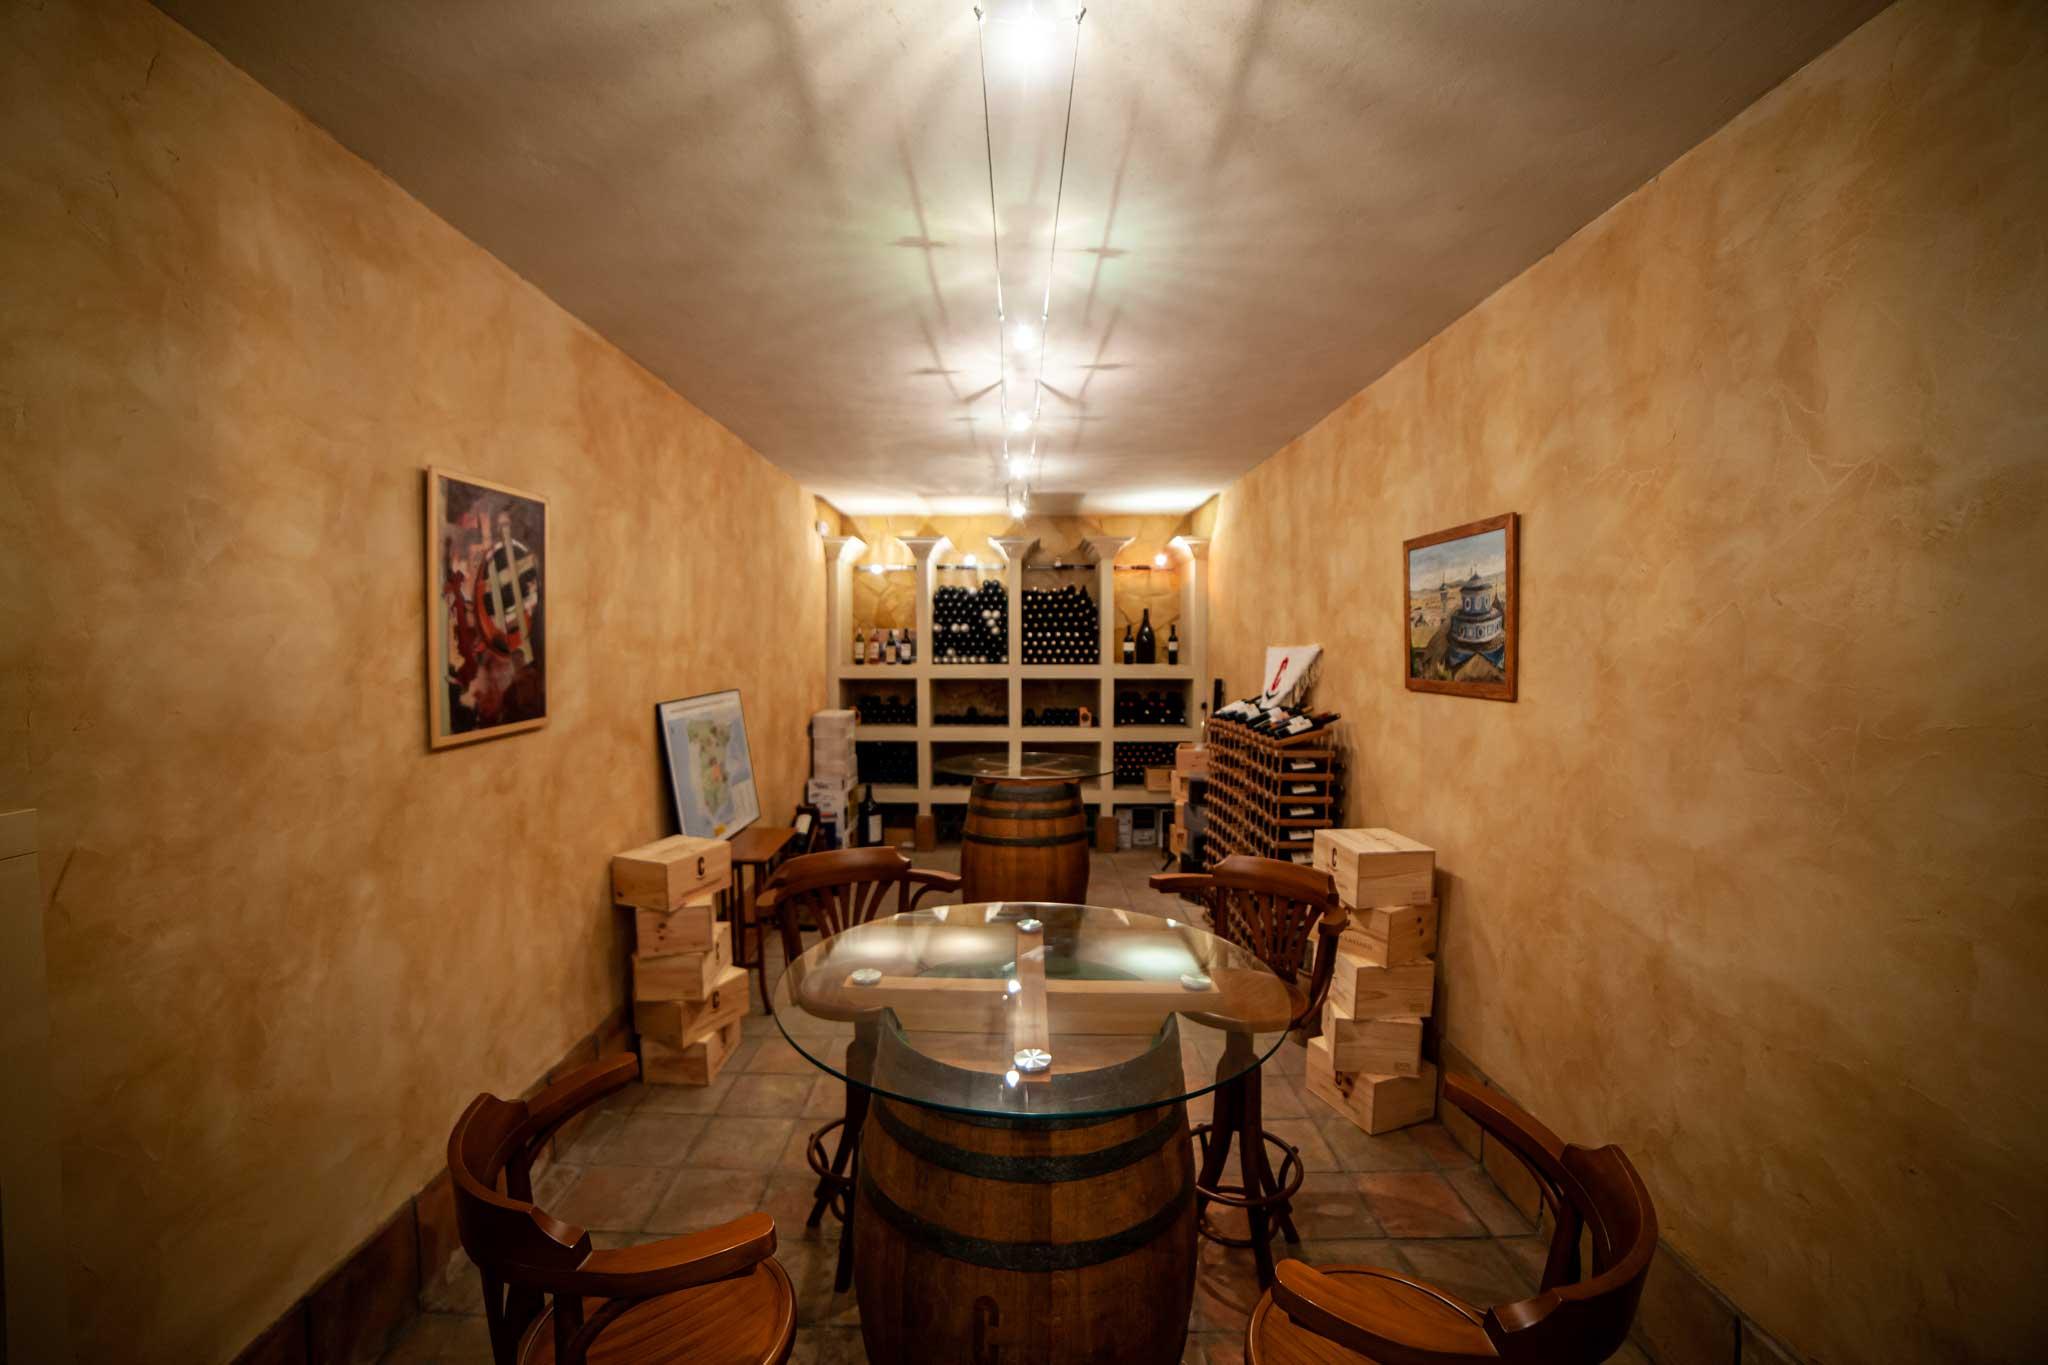 A wine tasting room in Murcia Spain